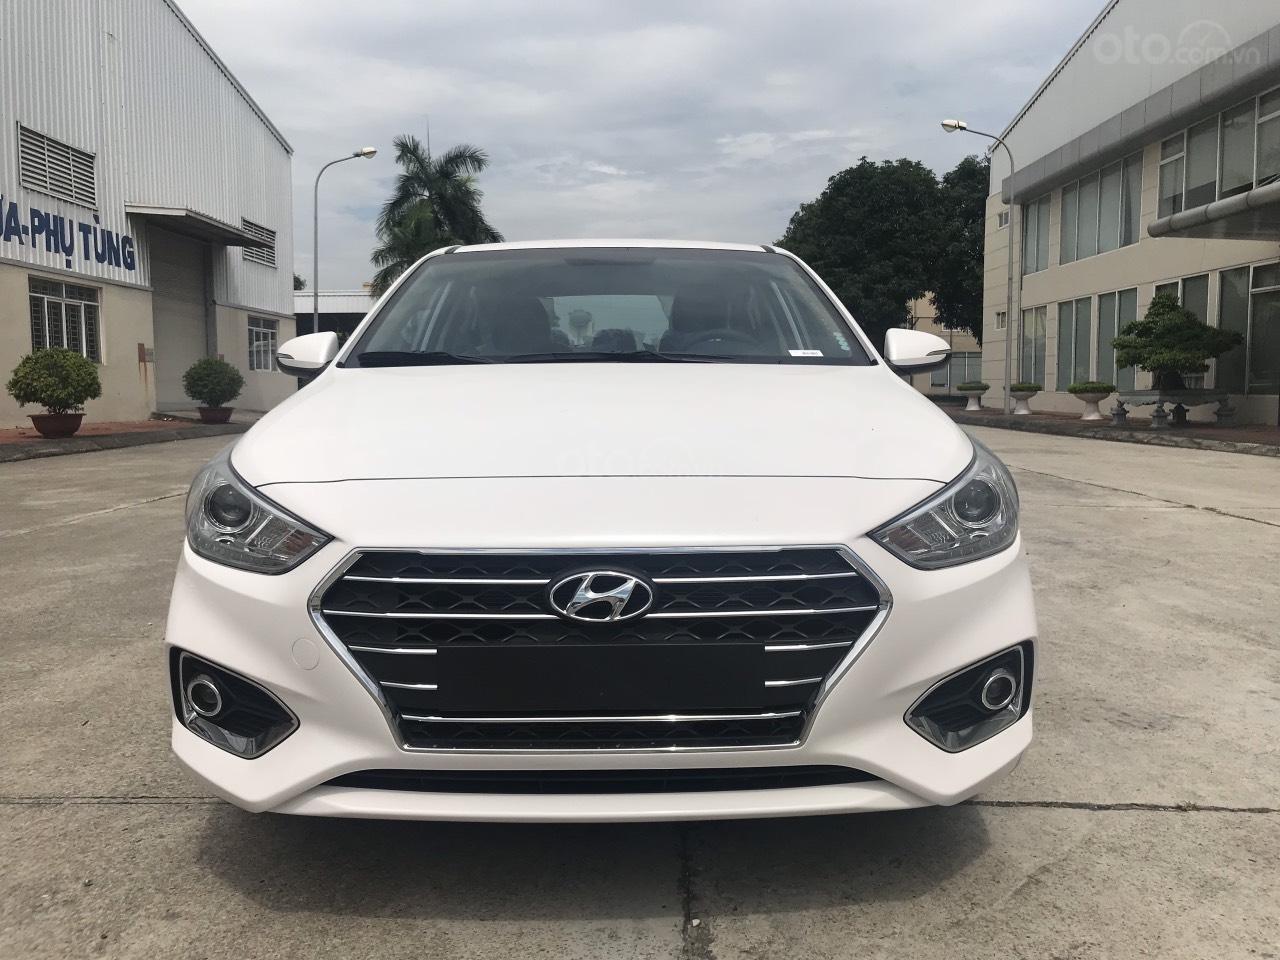 Hyundai Accent năm 2020, sẵn xe đủ màu giao ngay các bản - trả góp lên đến 85% giá trị xe - mua xe giá tốt nhất tại đây (2)